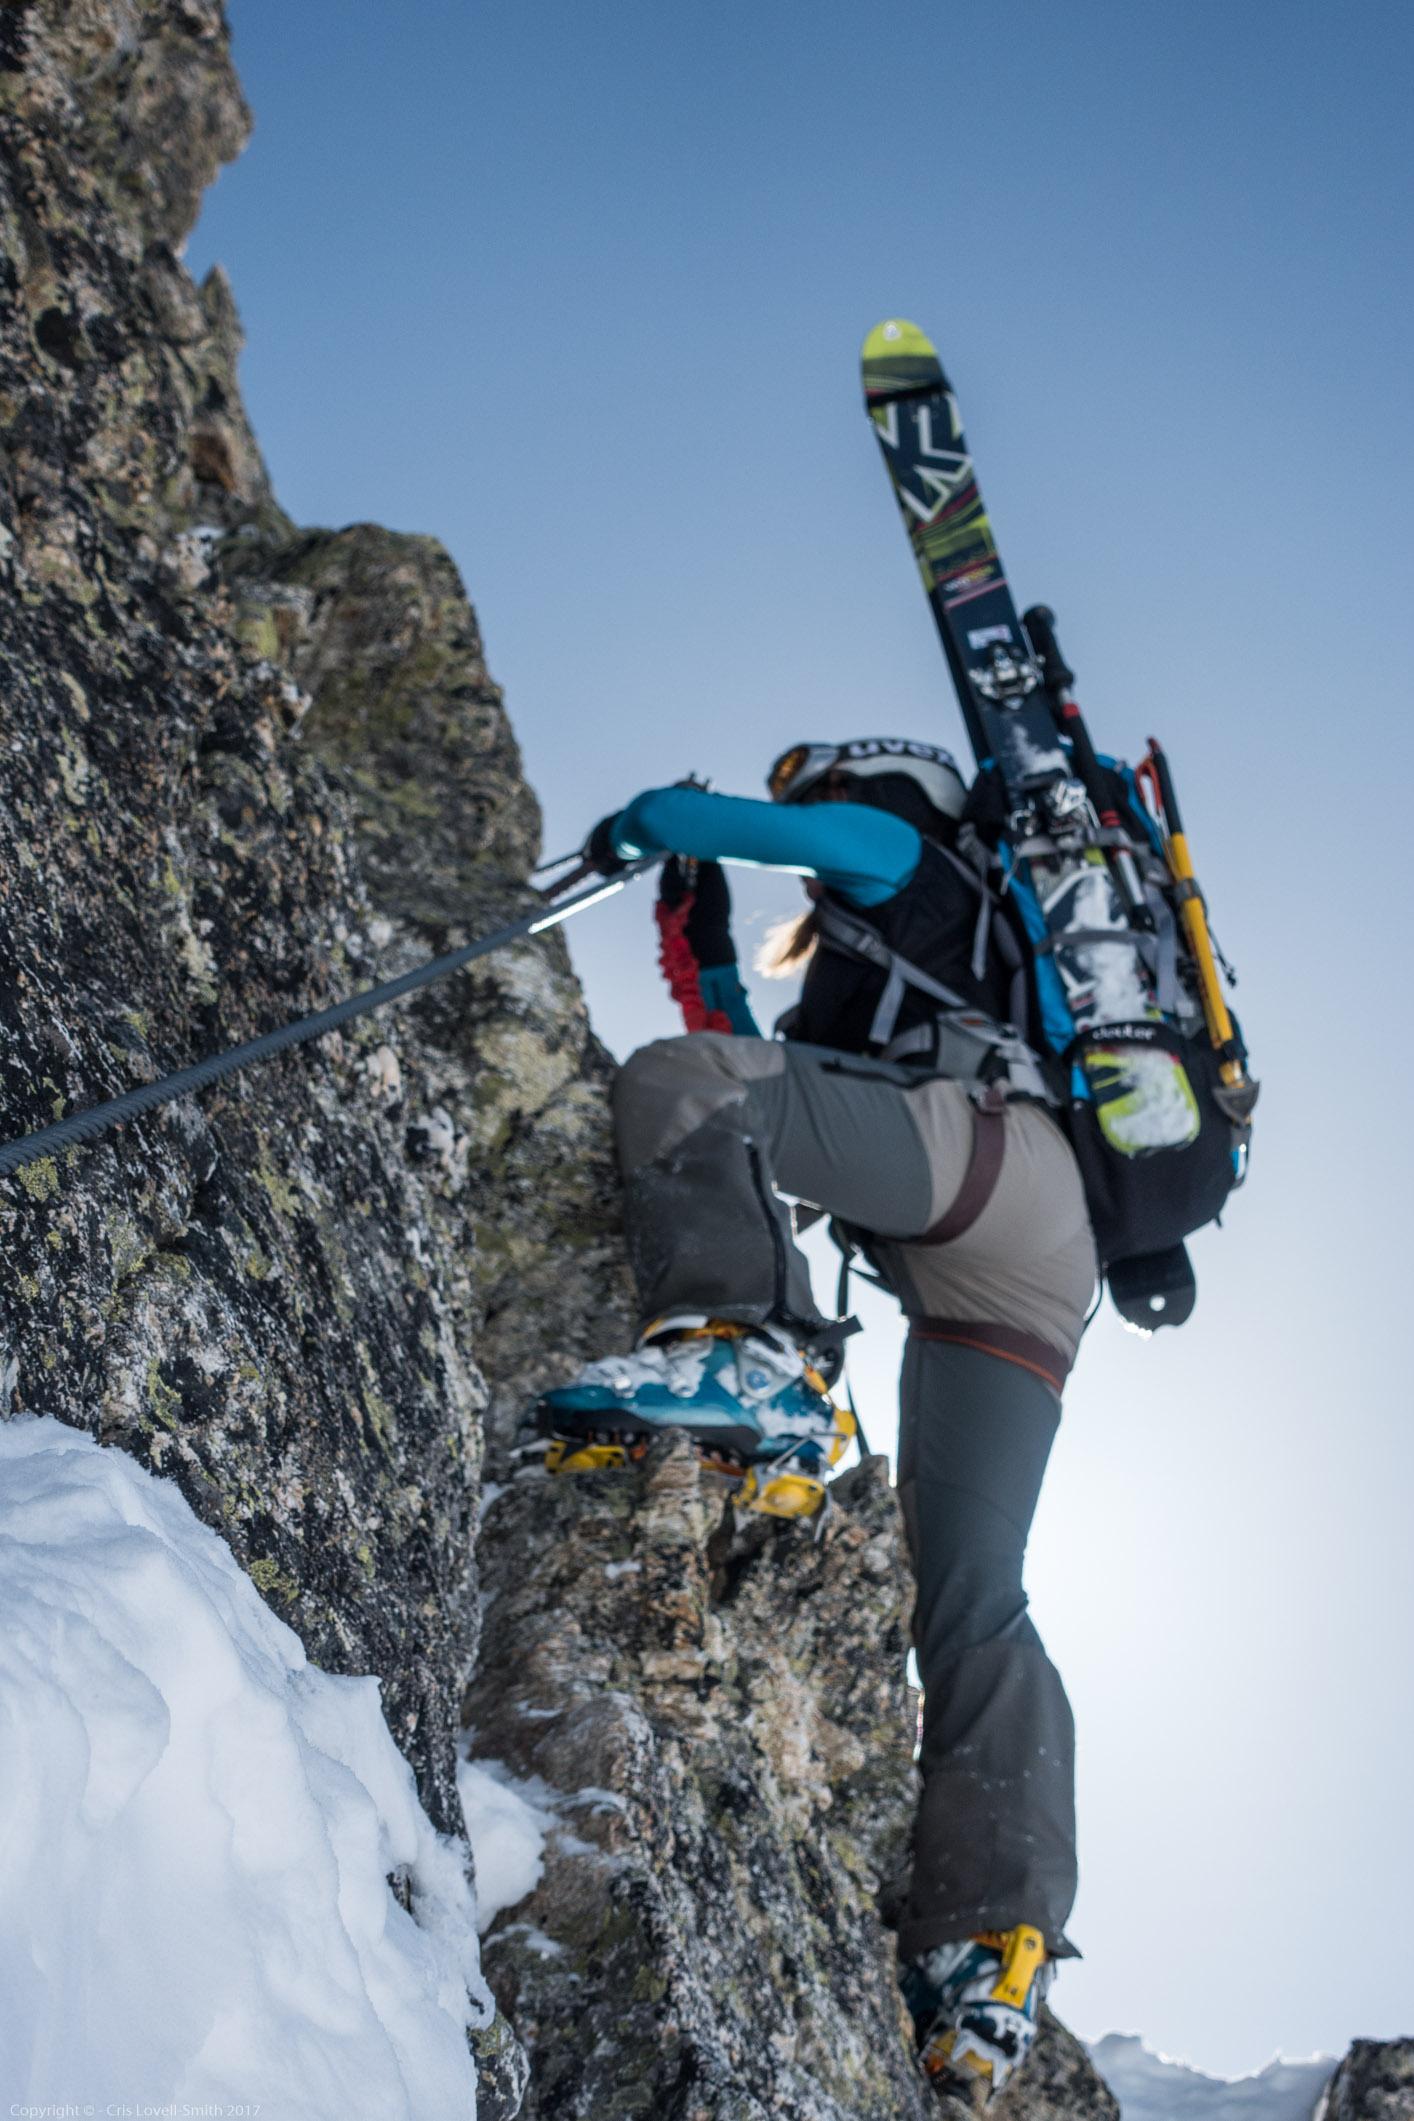 Leonie climbing 2 (Arlberger Winterklettersteig March 2017)